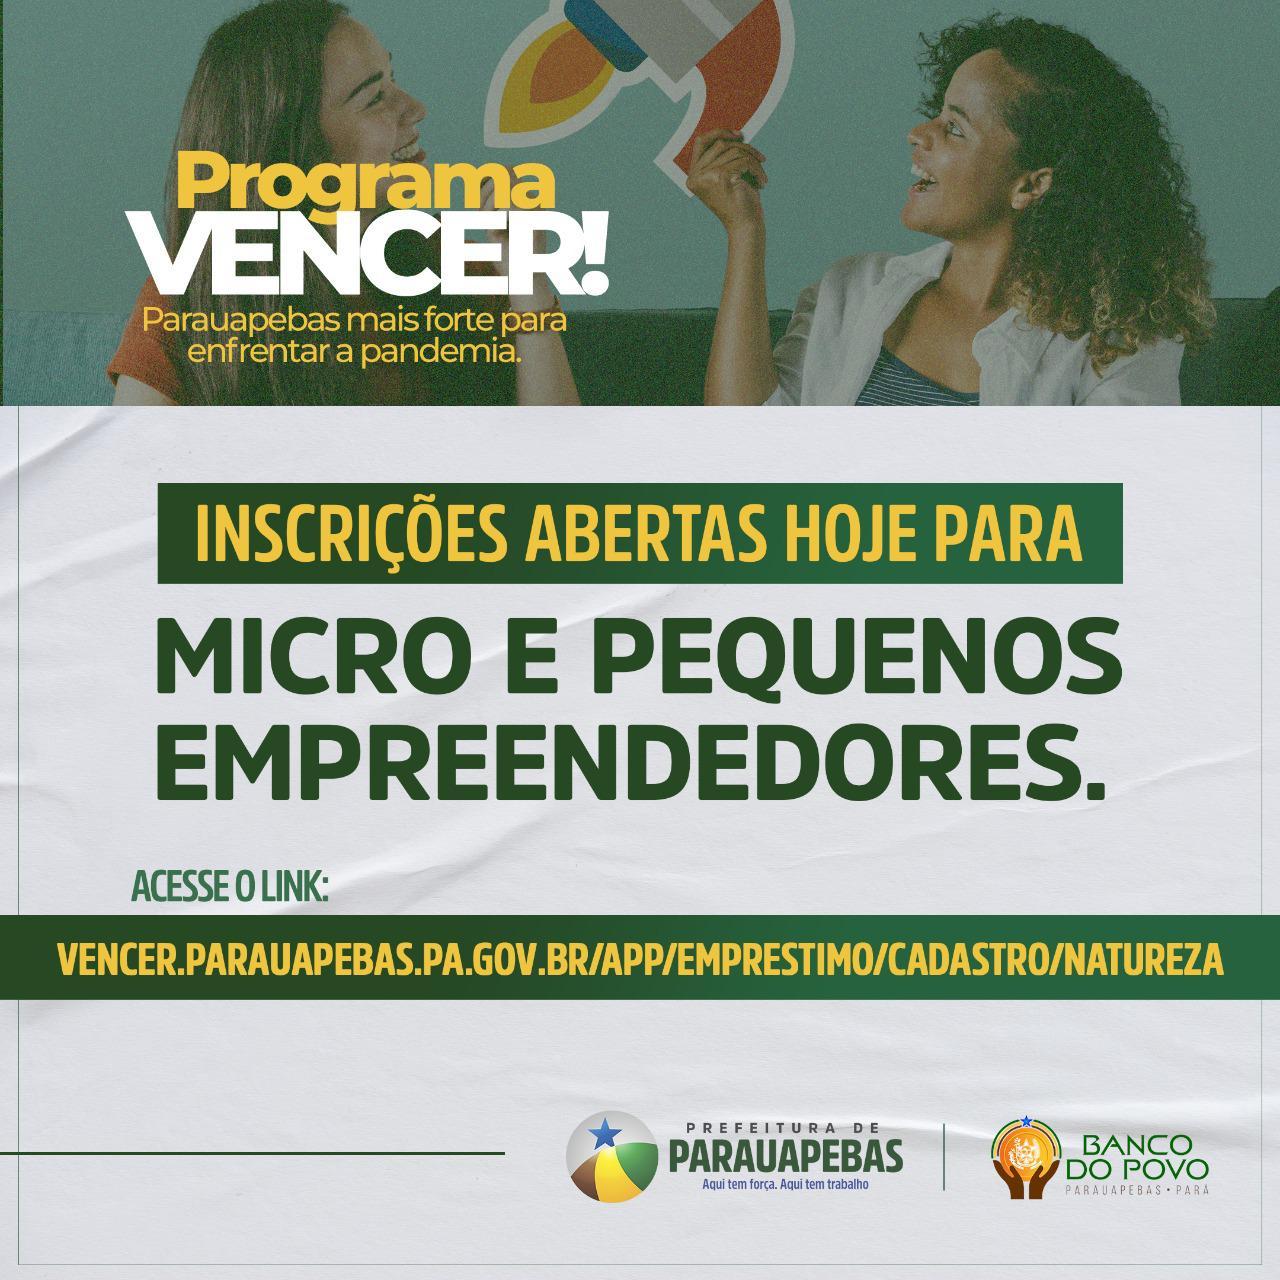 Pequenas empresas de Parauapebas já podem acessar link para pedir crédito especial ao Banco do Povo.